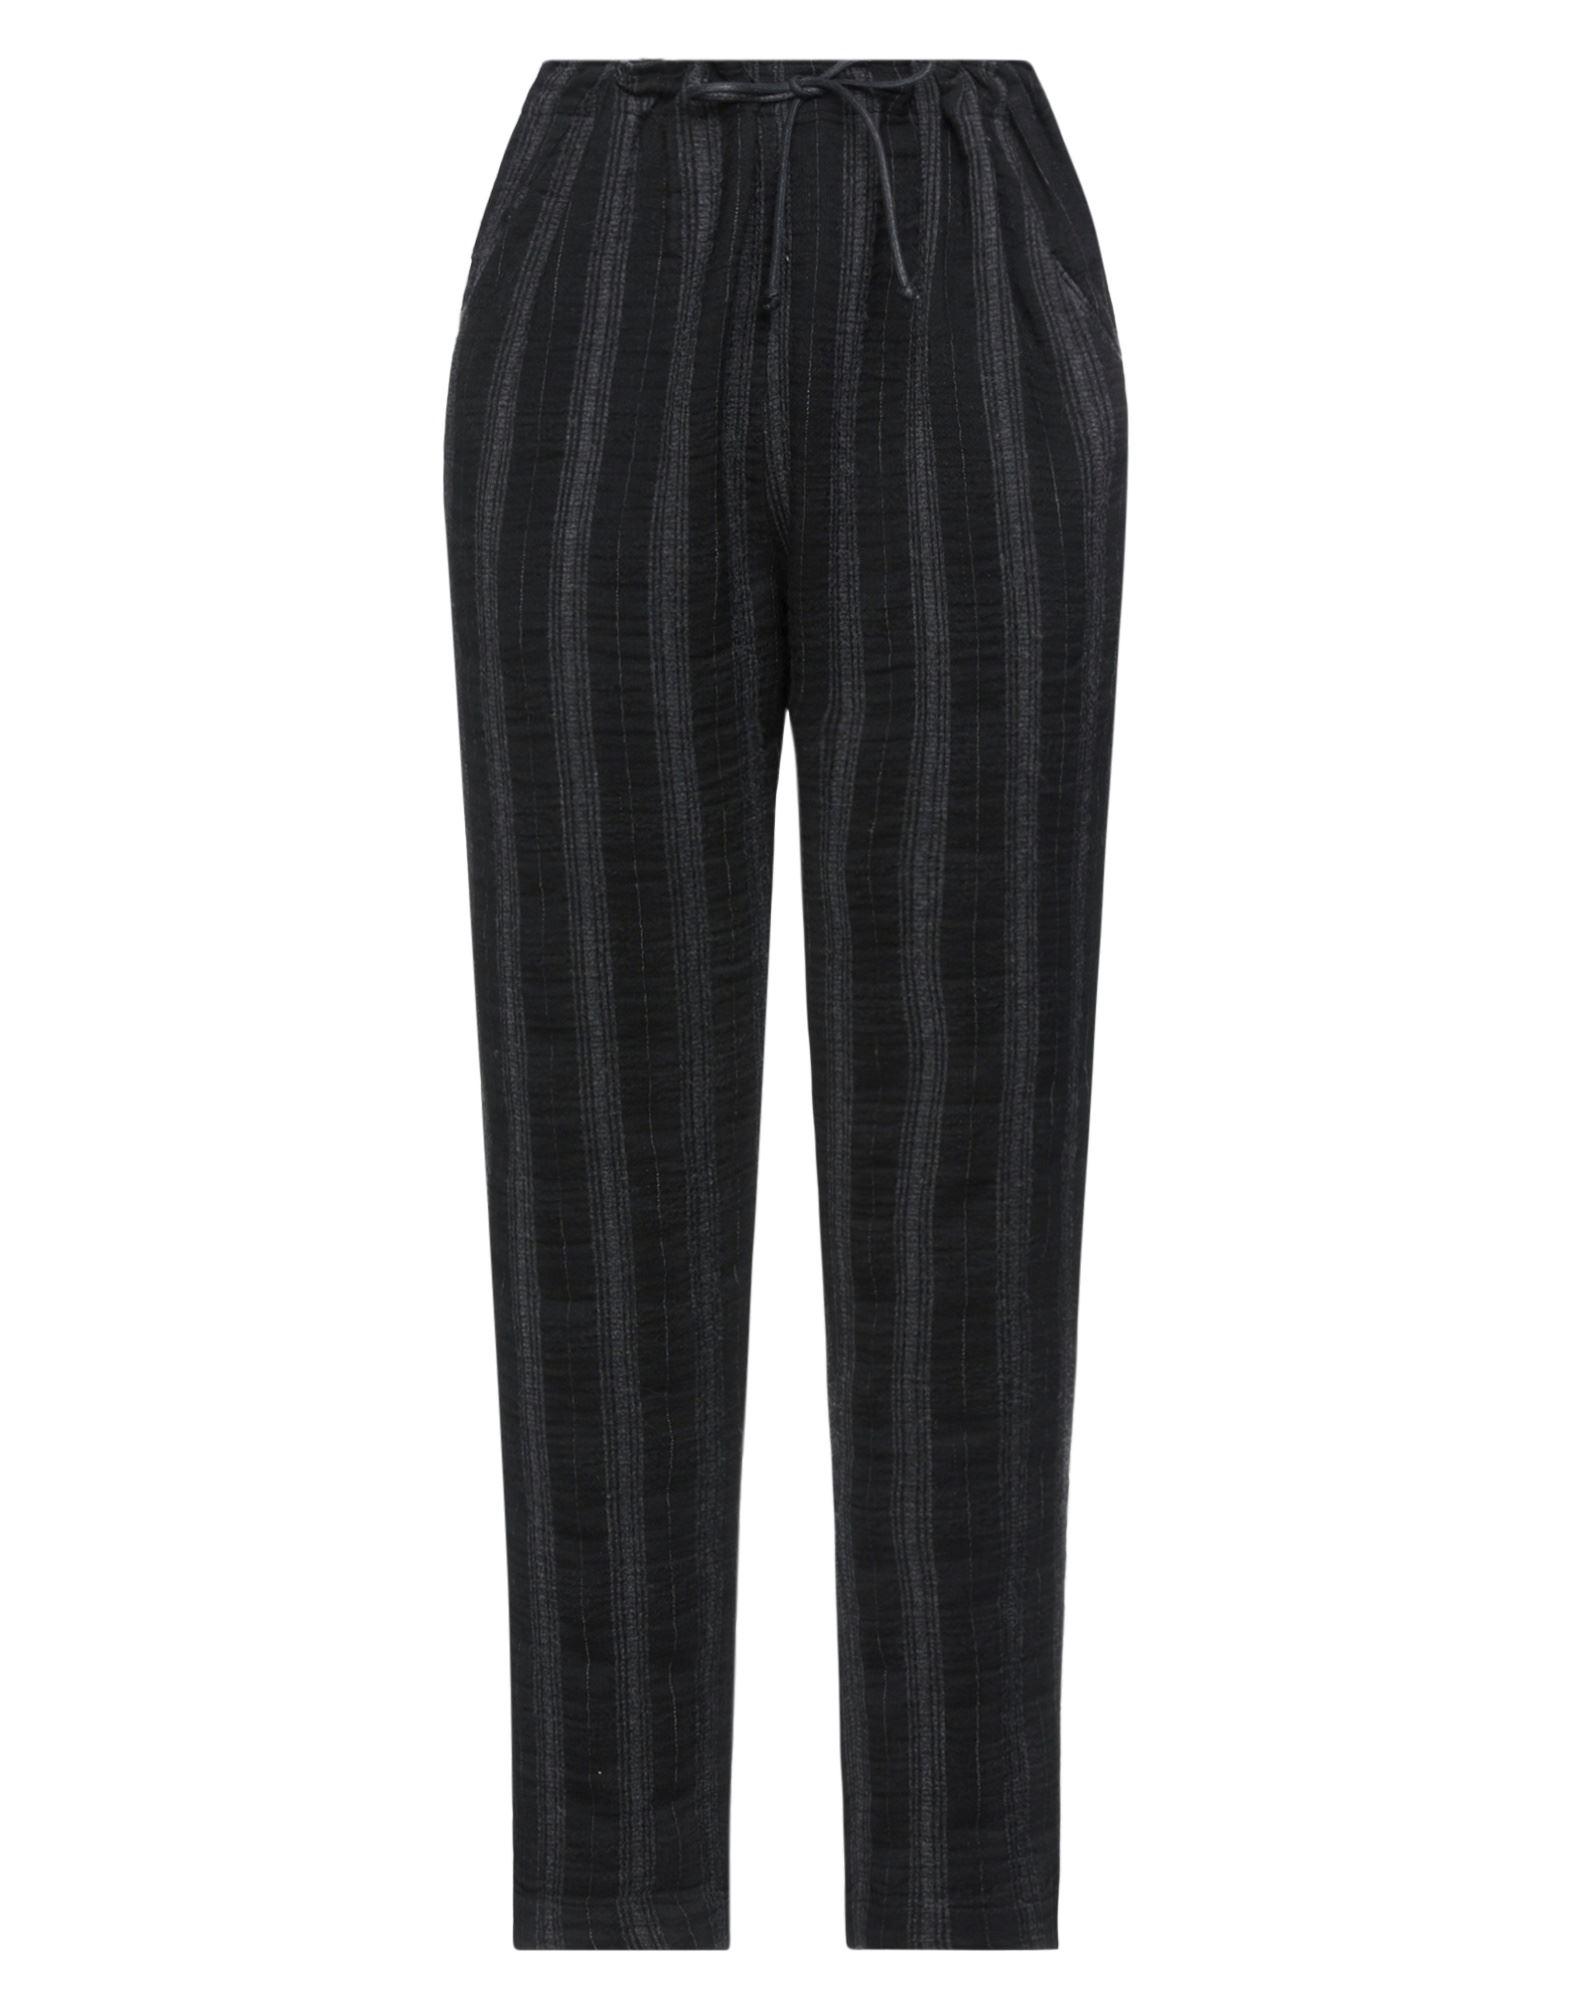 TRANSIT PAR-SUCH Casual pants - Item 13586493